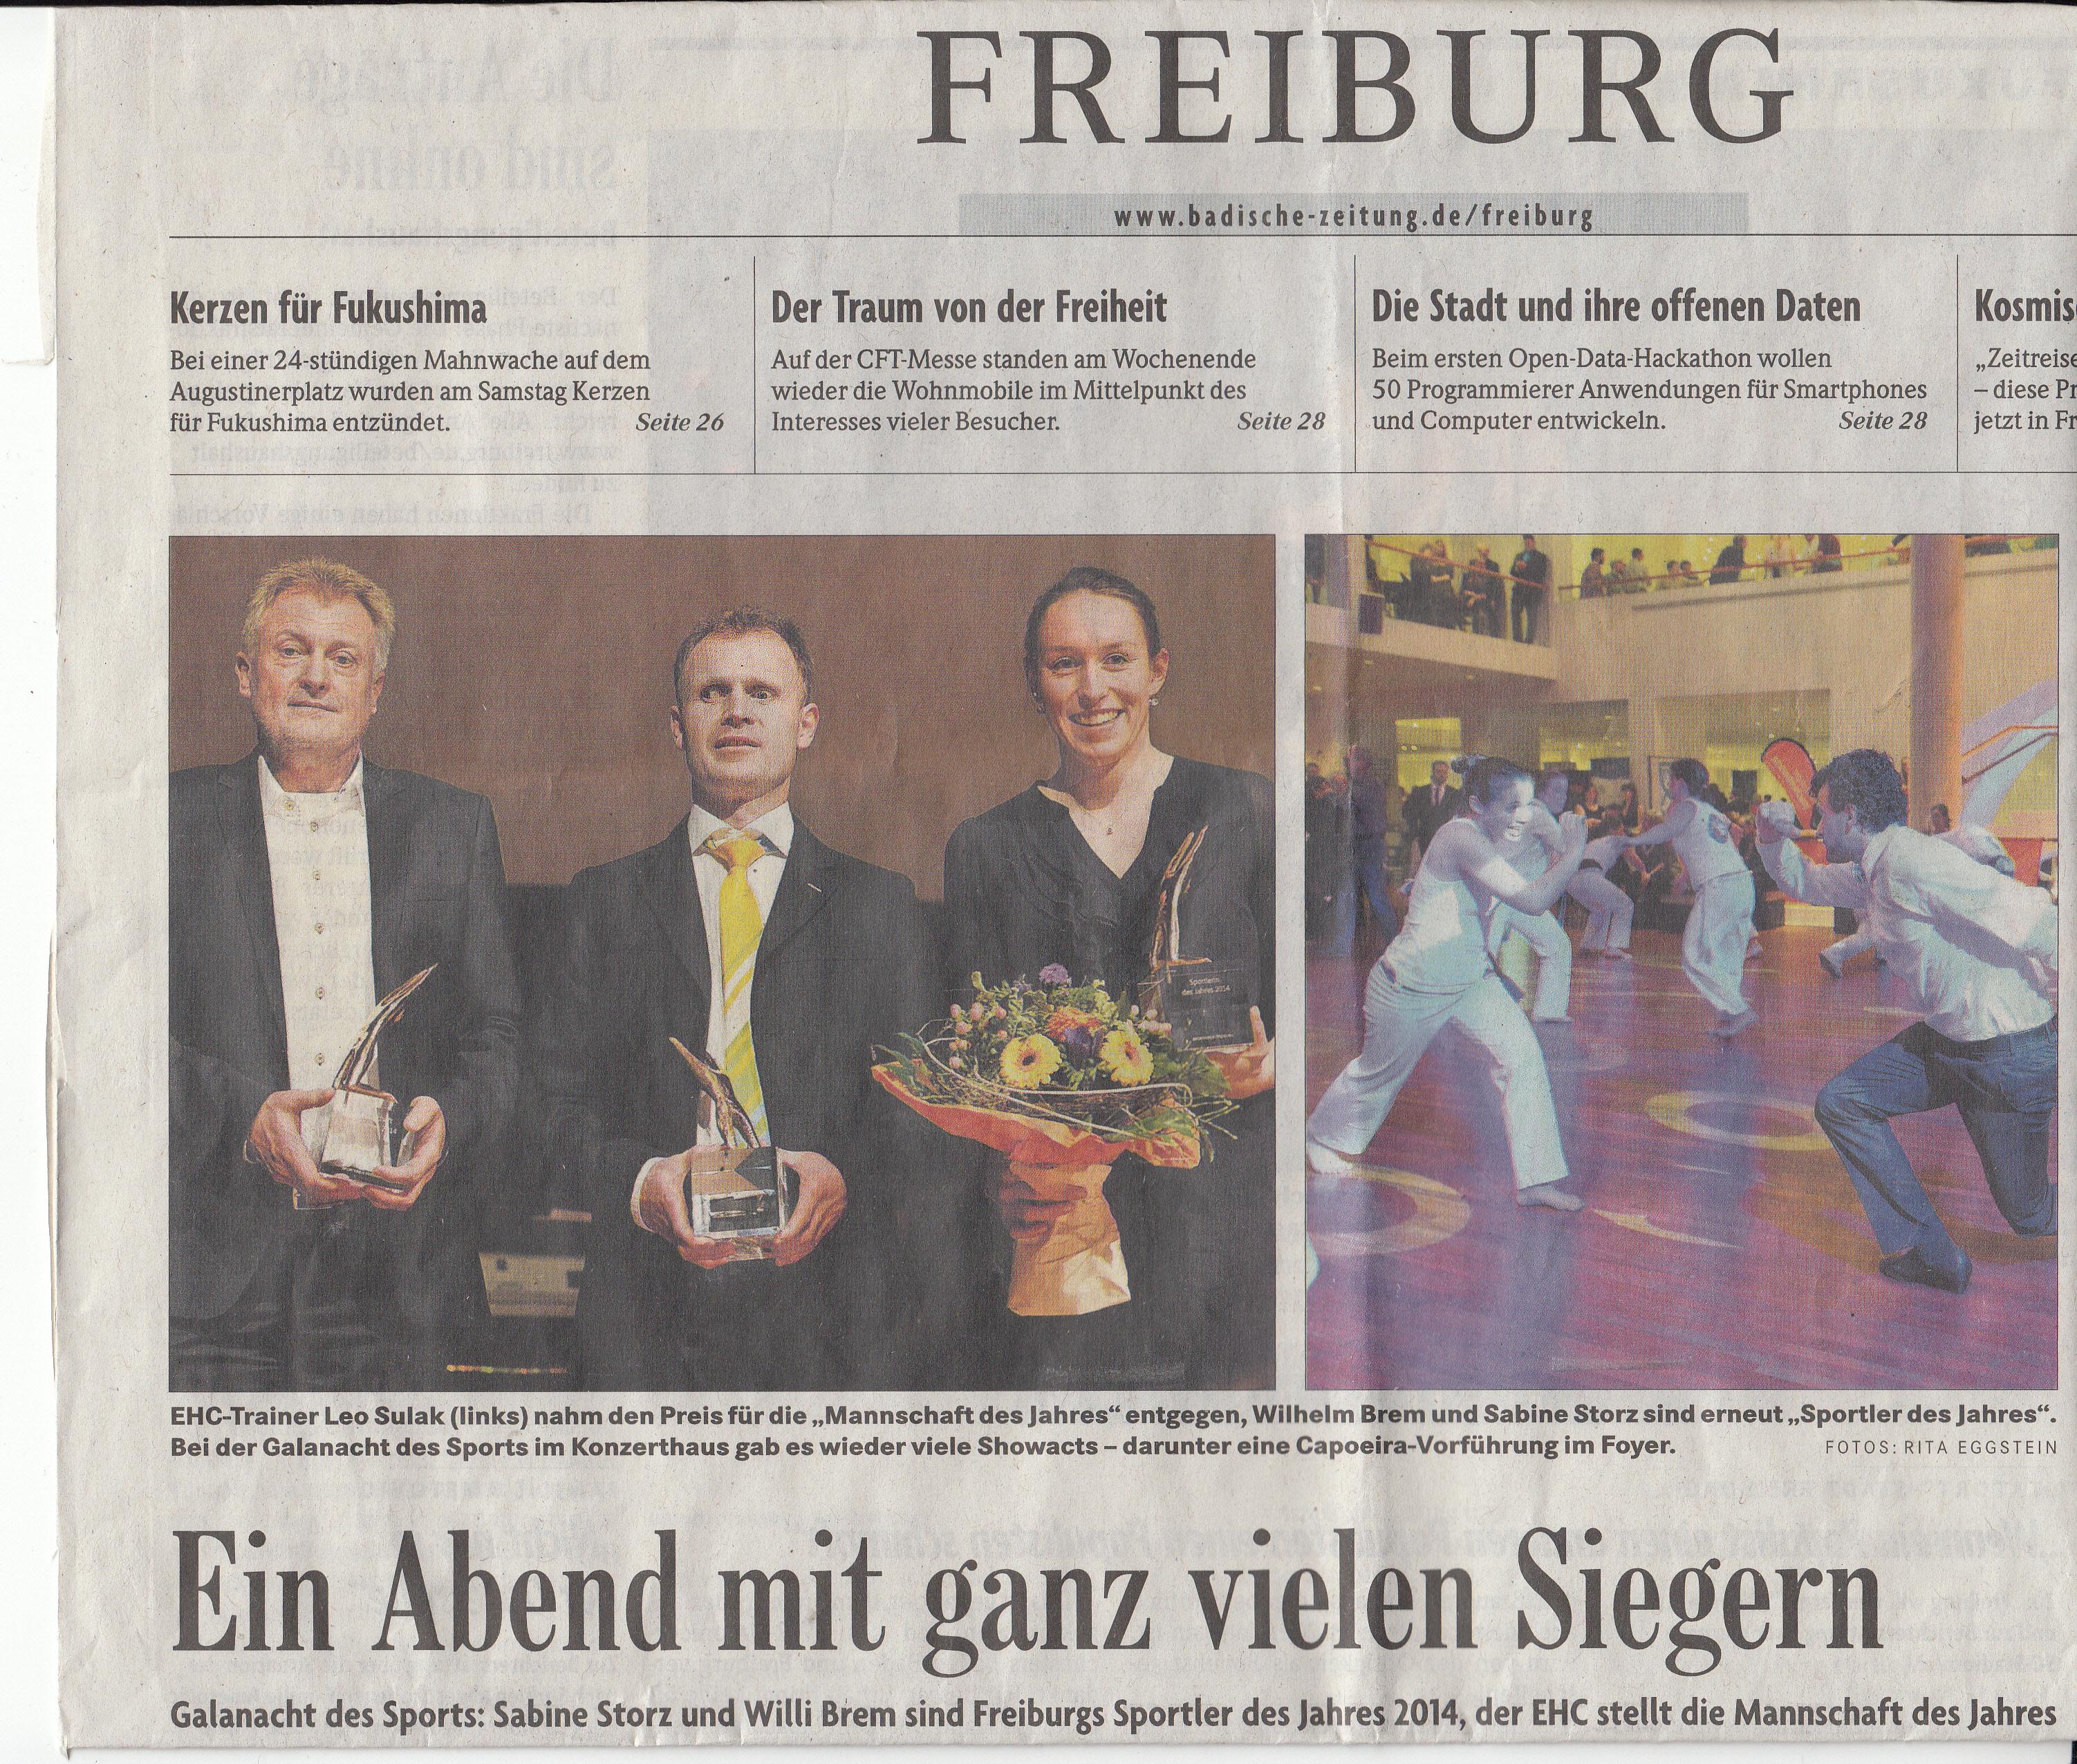 Galanacht des Sports Konzerthaus Freiburg 2015